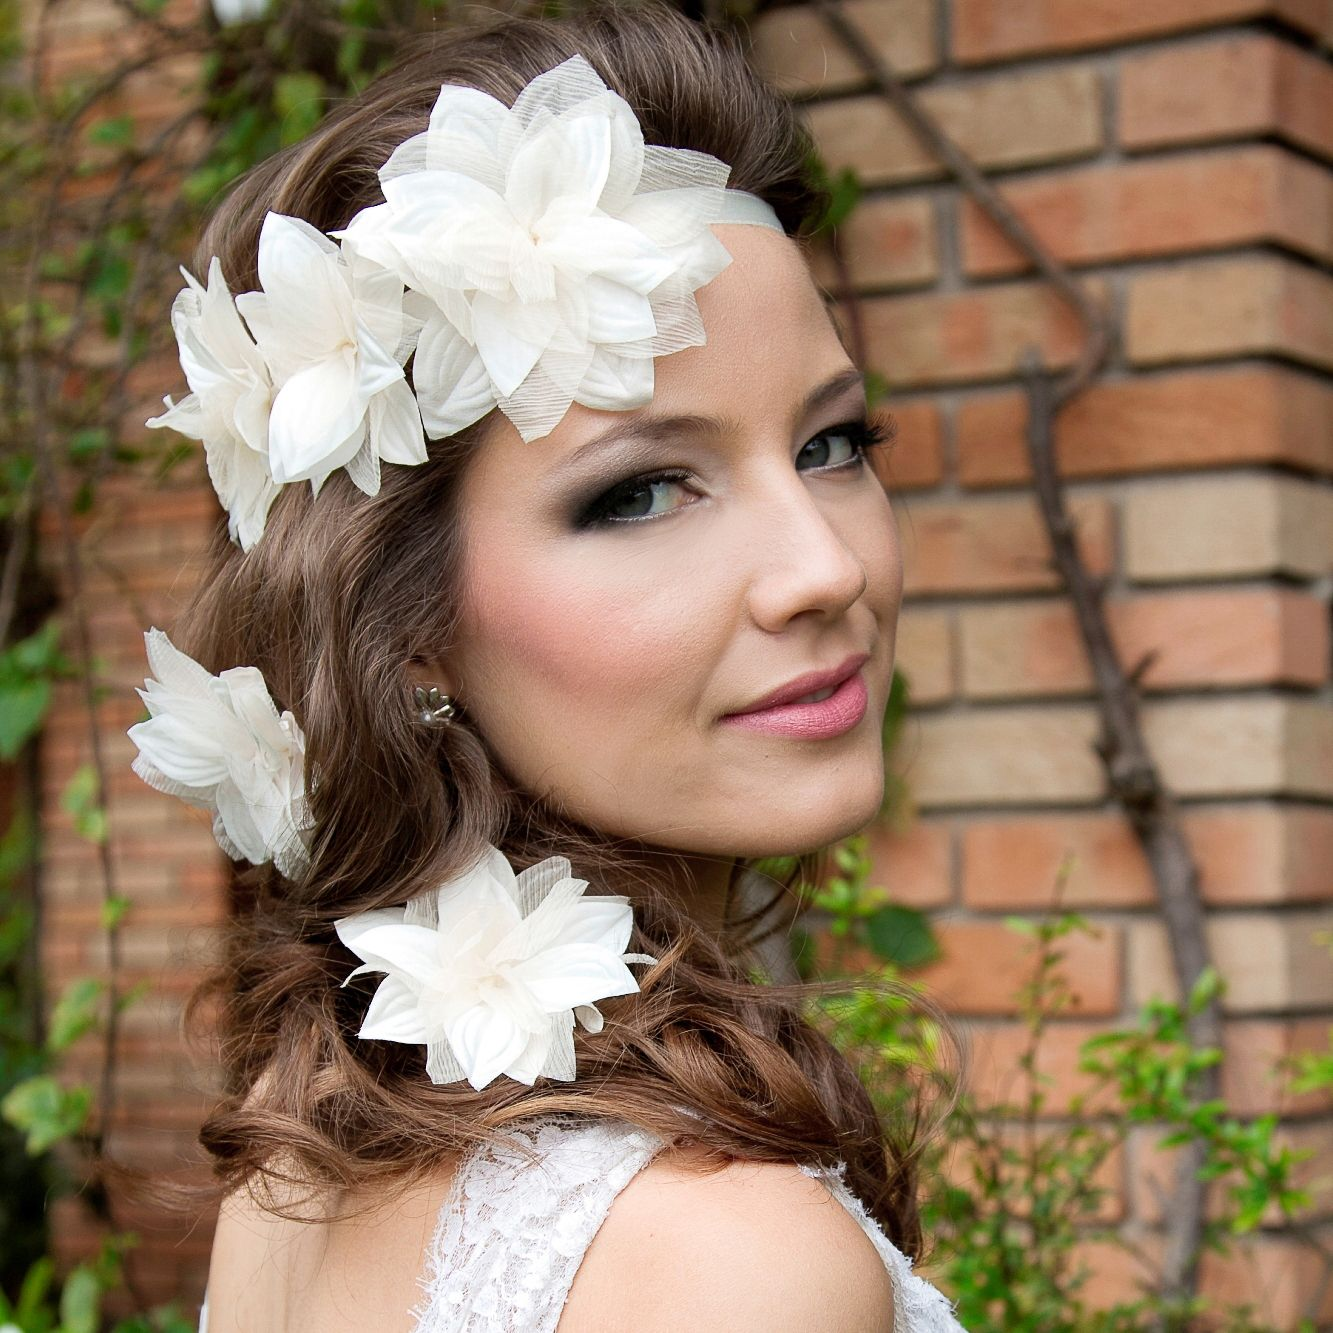 Headbands de flores são perfeitas para casamentos despojados pela manhã ou tarde. Foto: Taciana Valadares www.mercedesalzueta.com.br